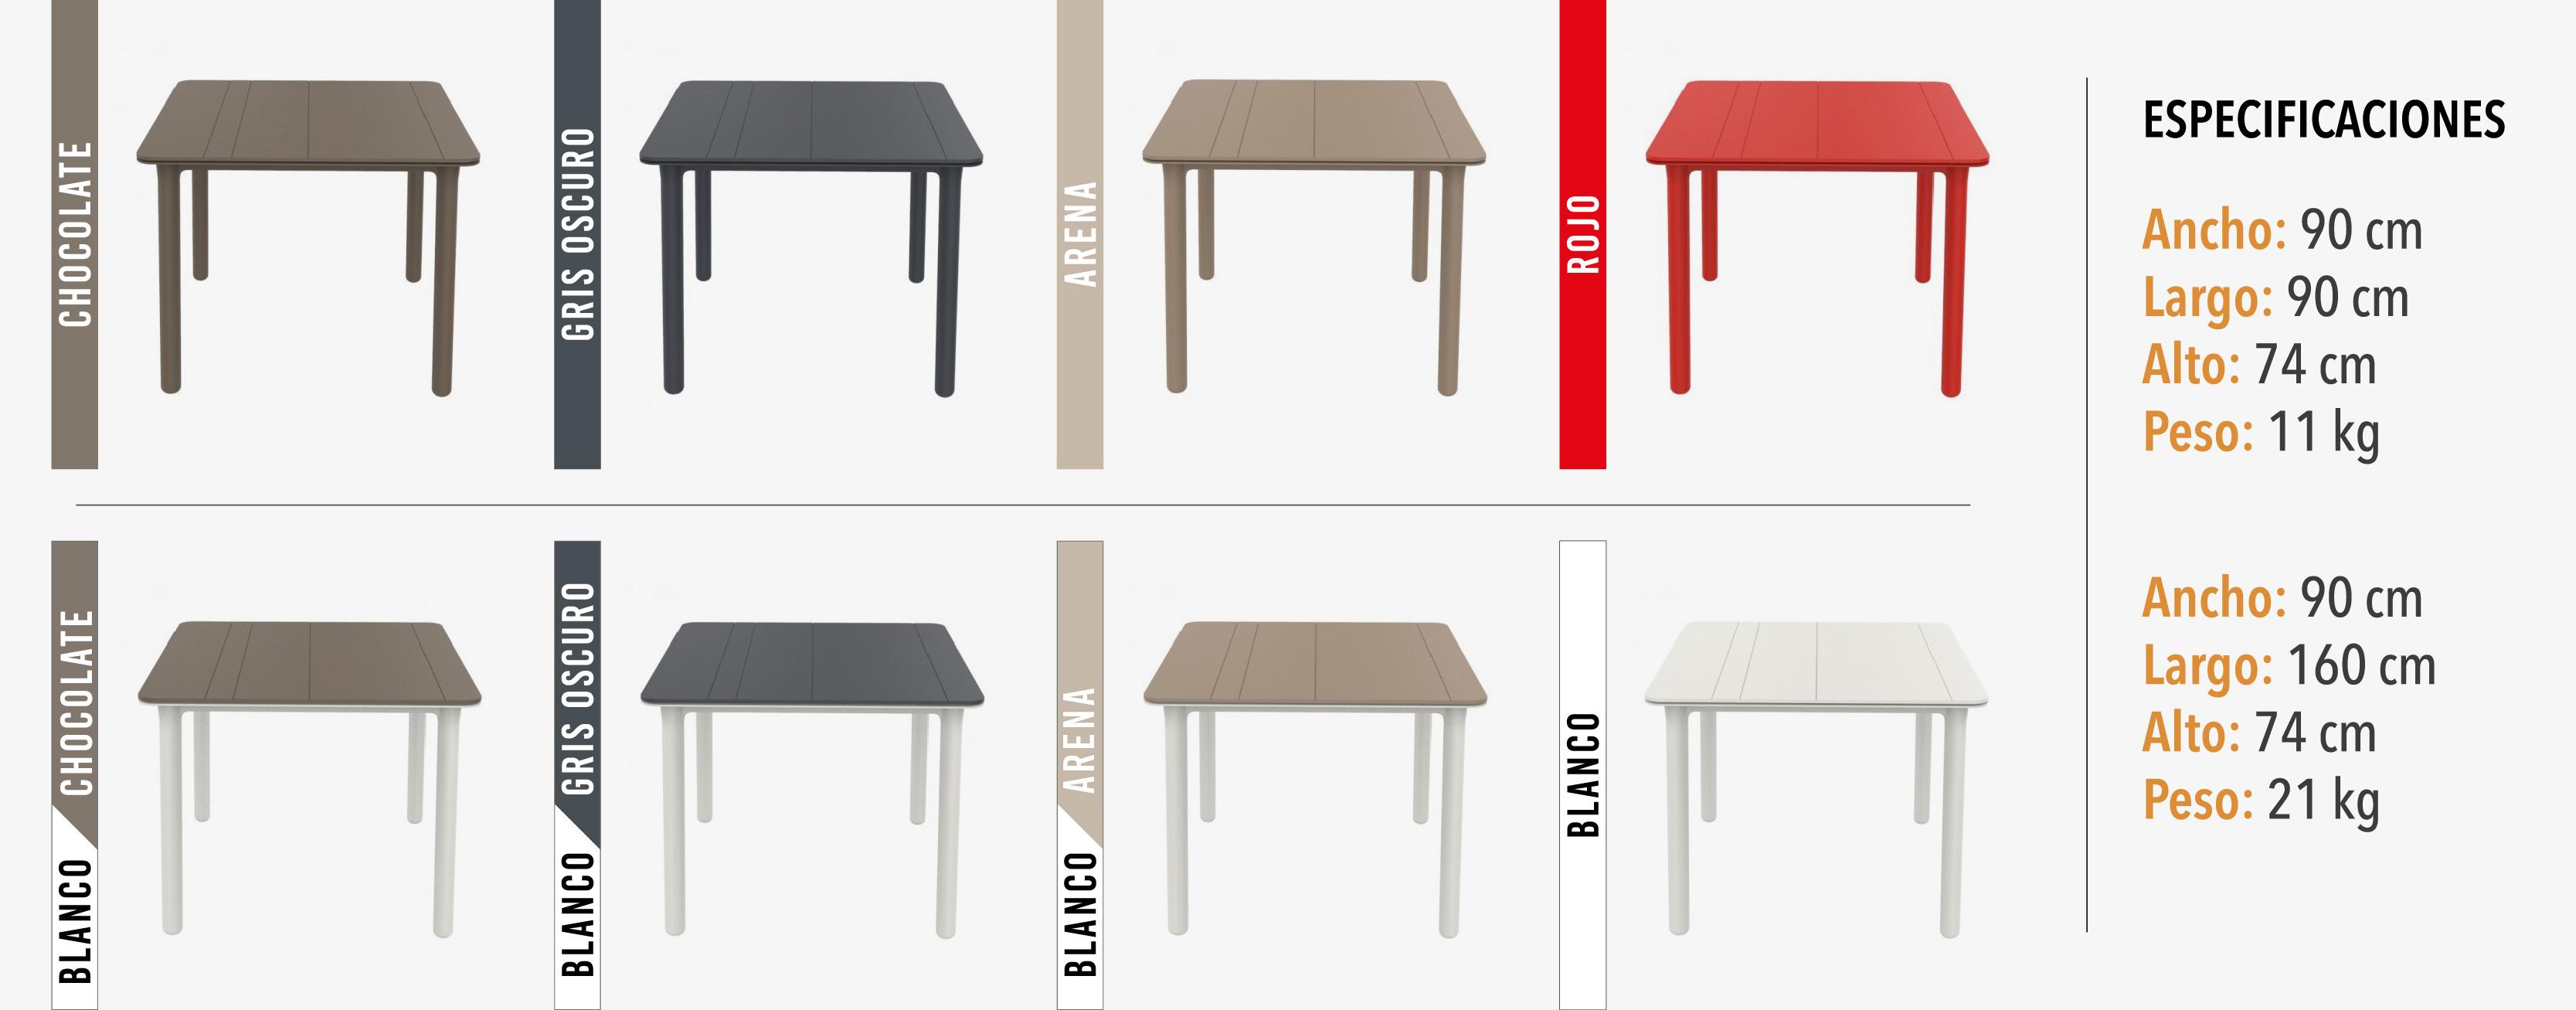 Colores mesa noa - Nicsolución